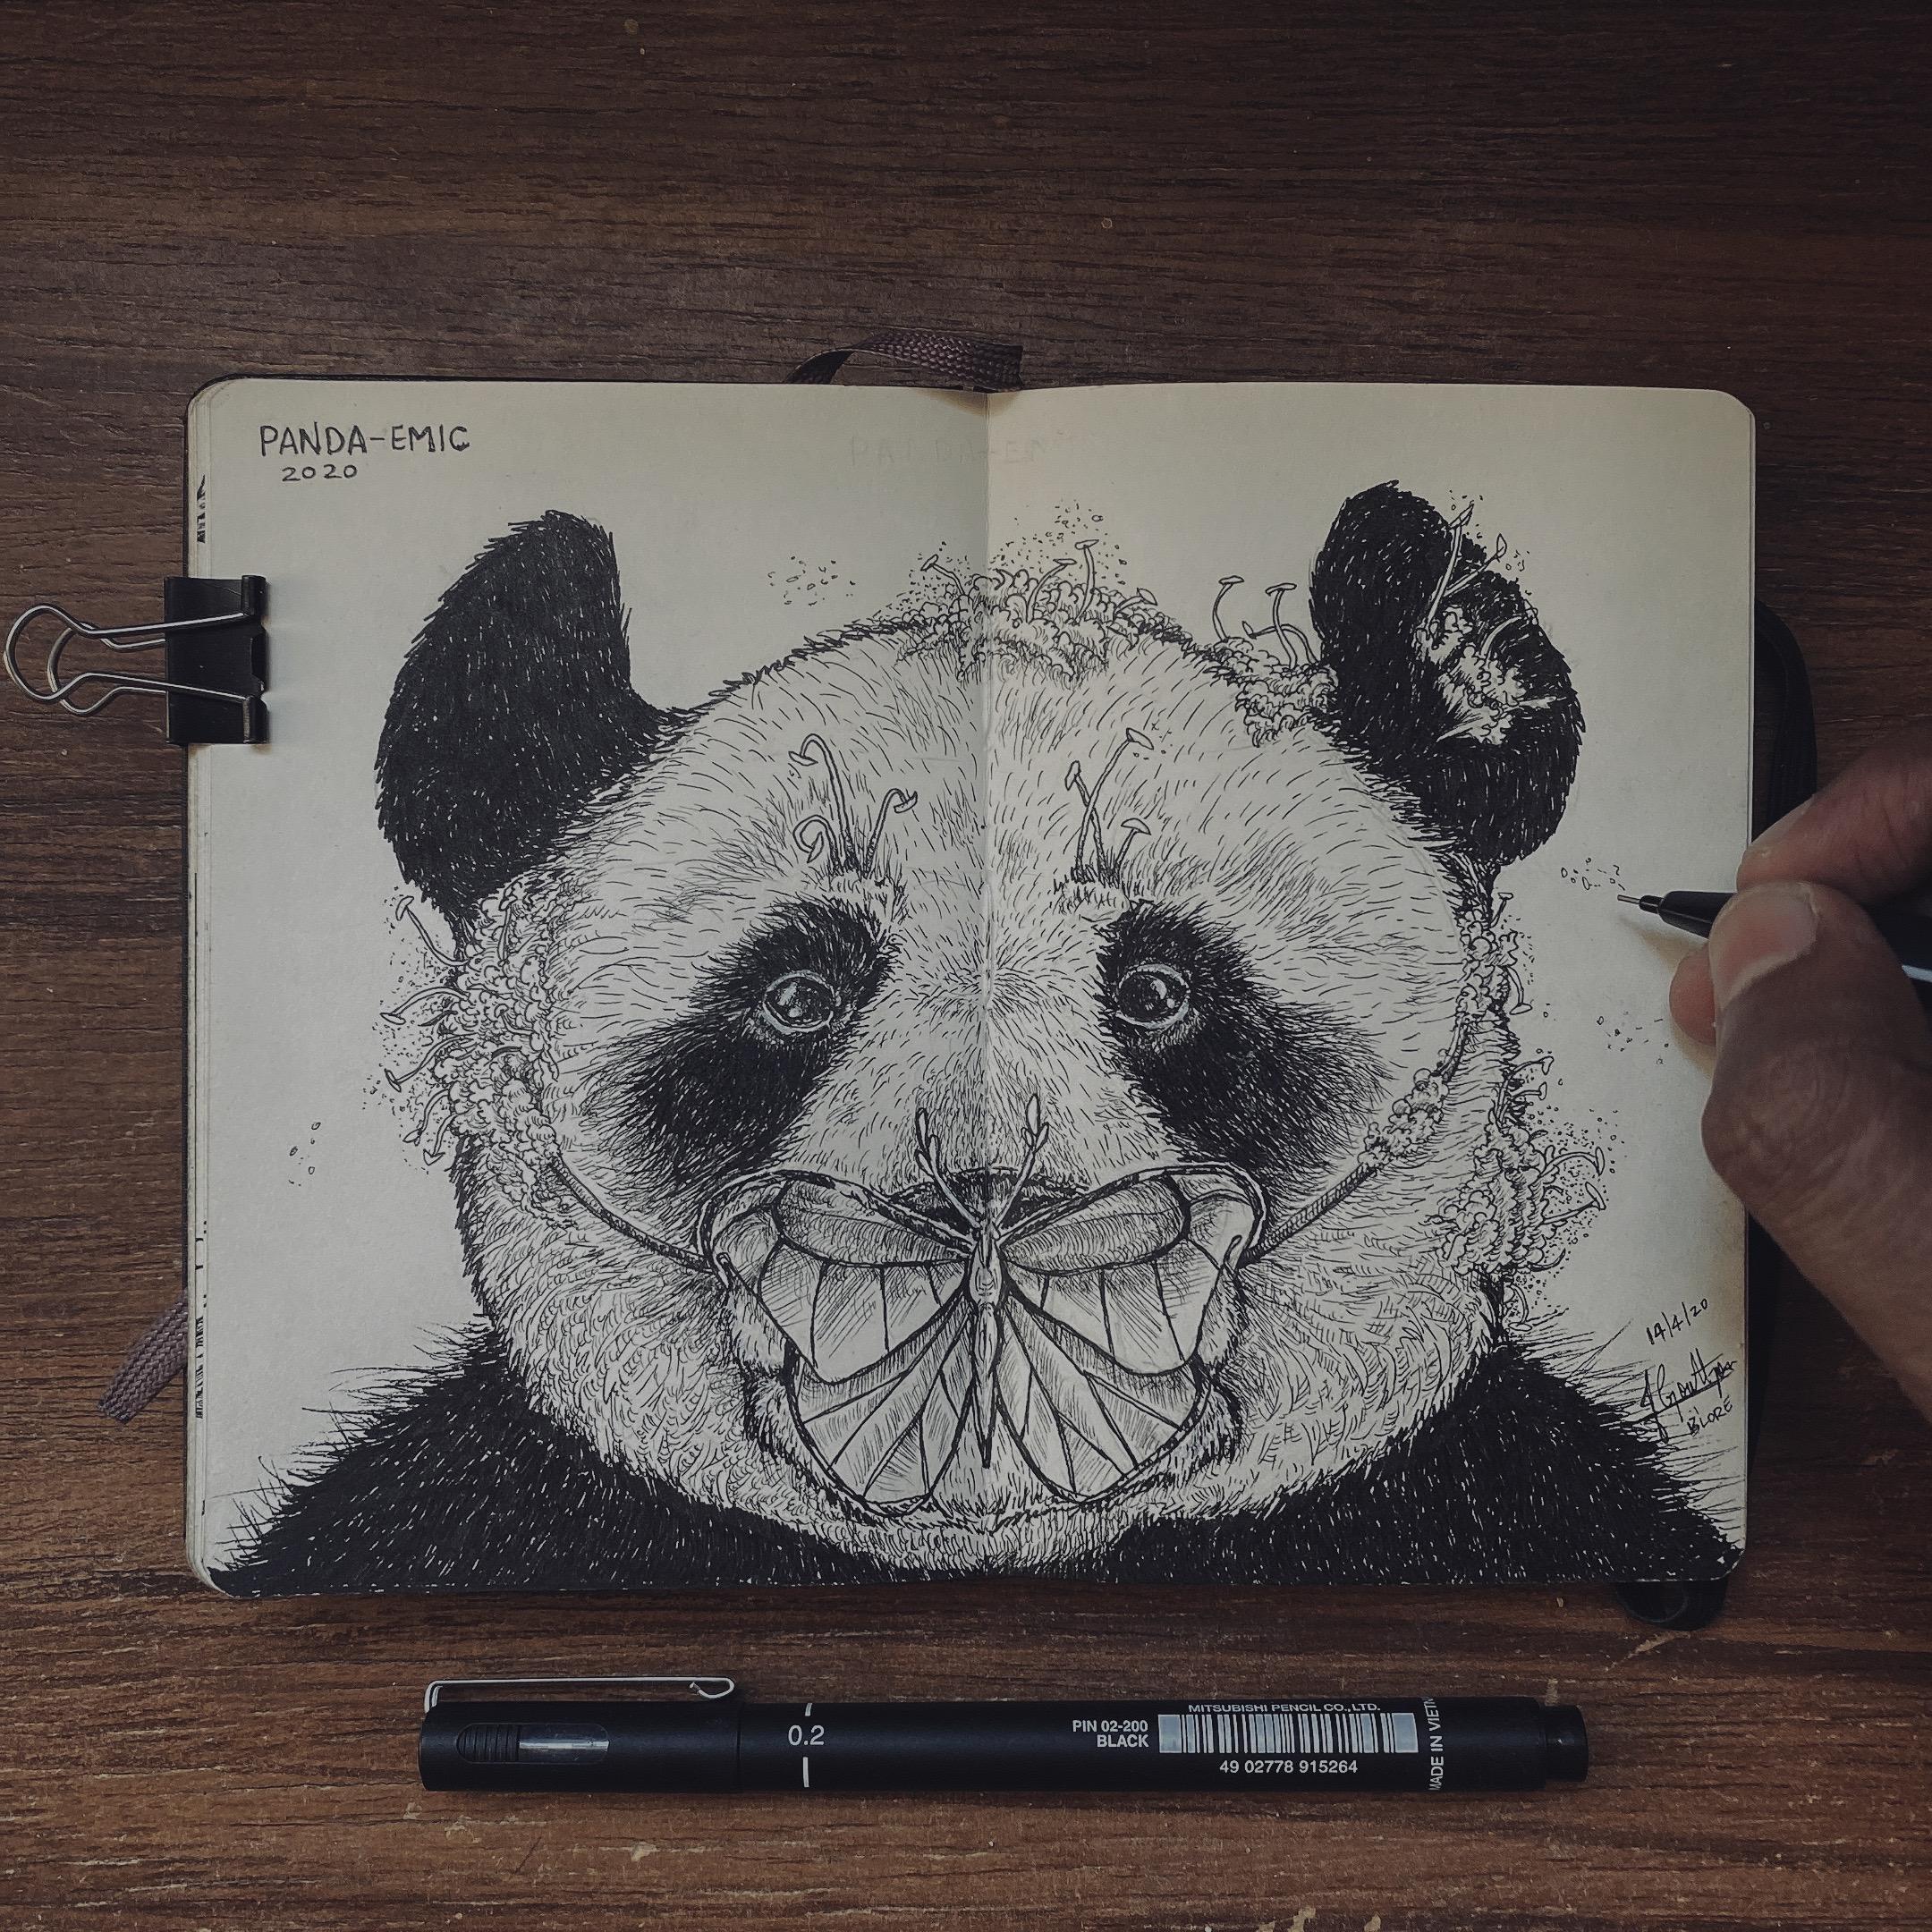 Panda-emic Lockdown Extended